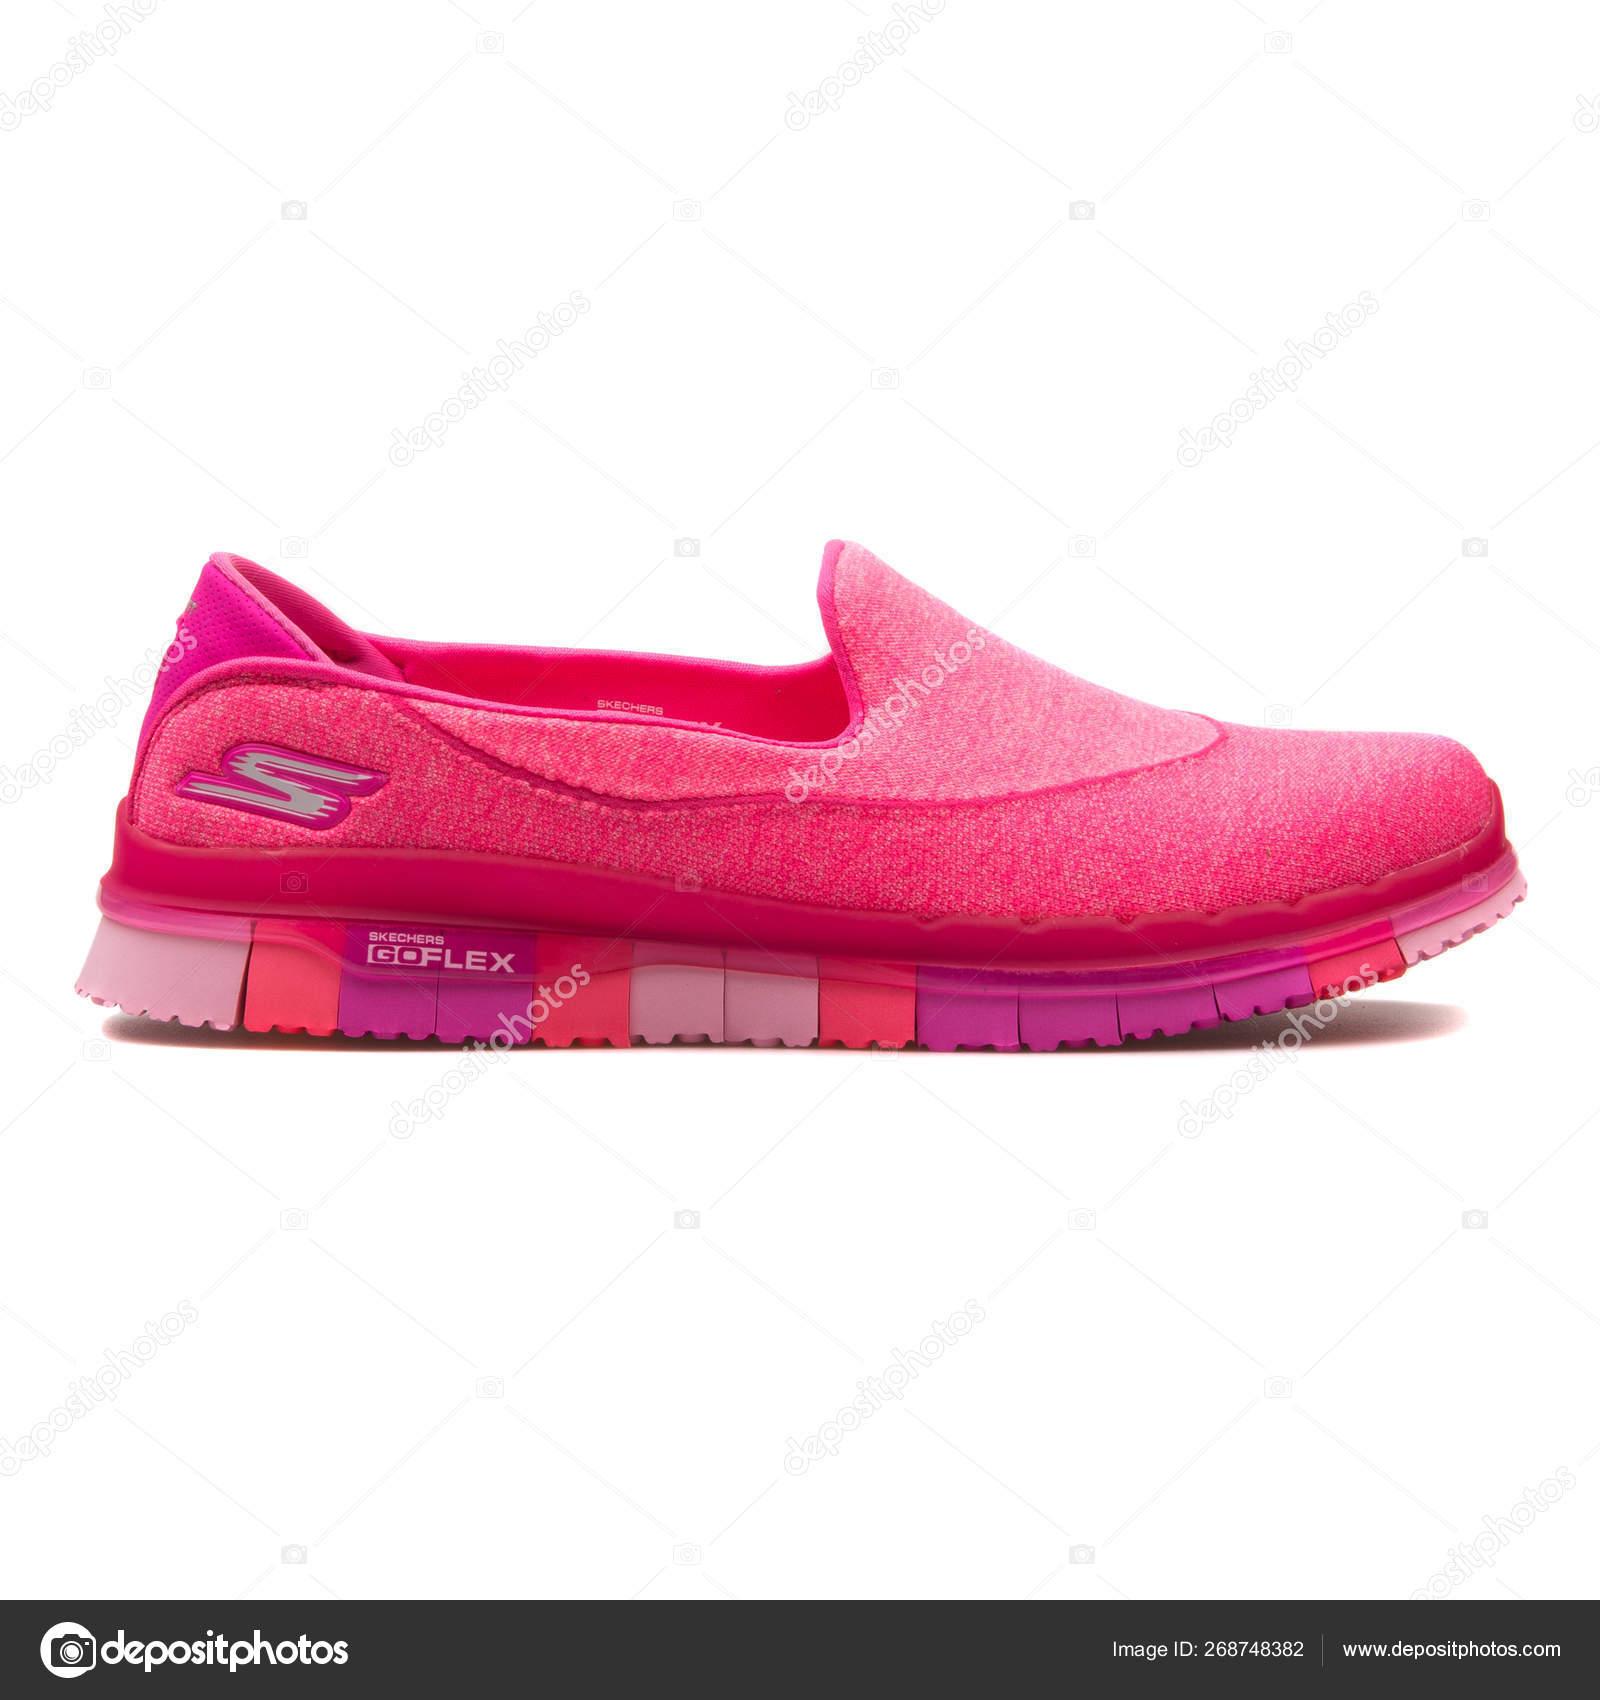 skechers go flex pink